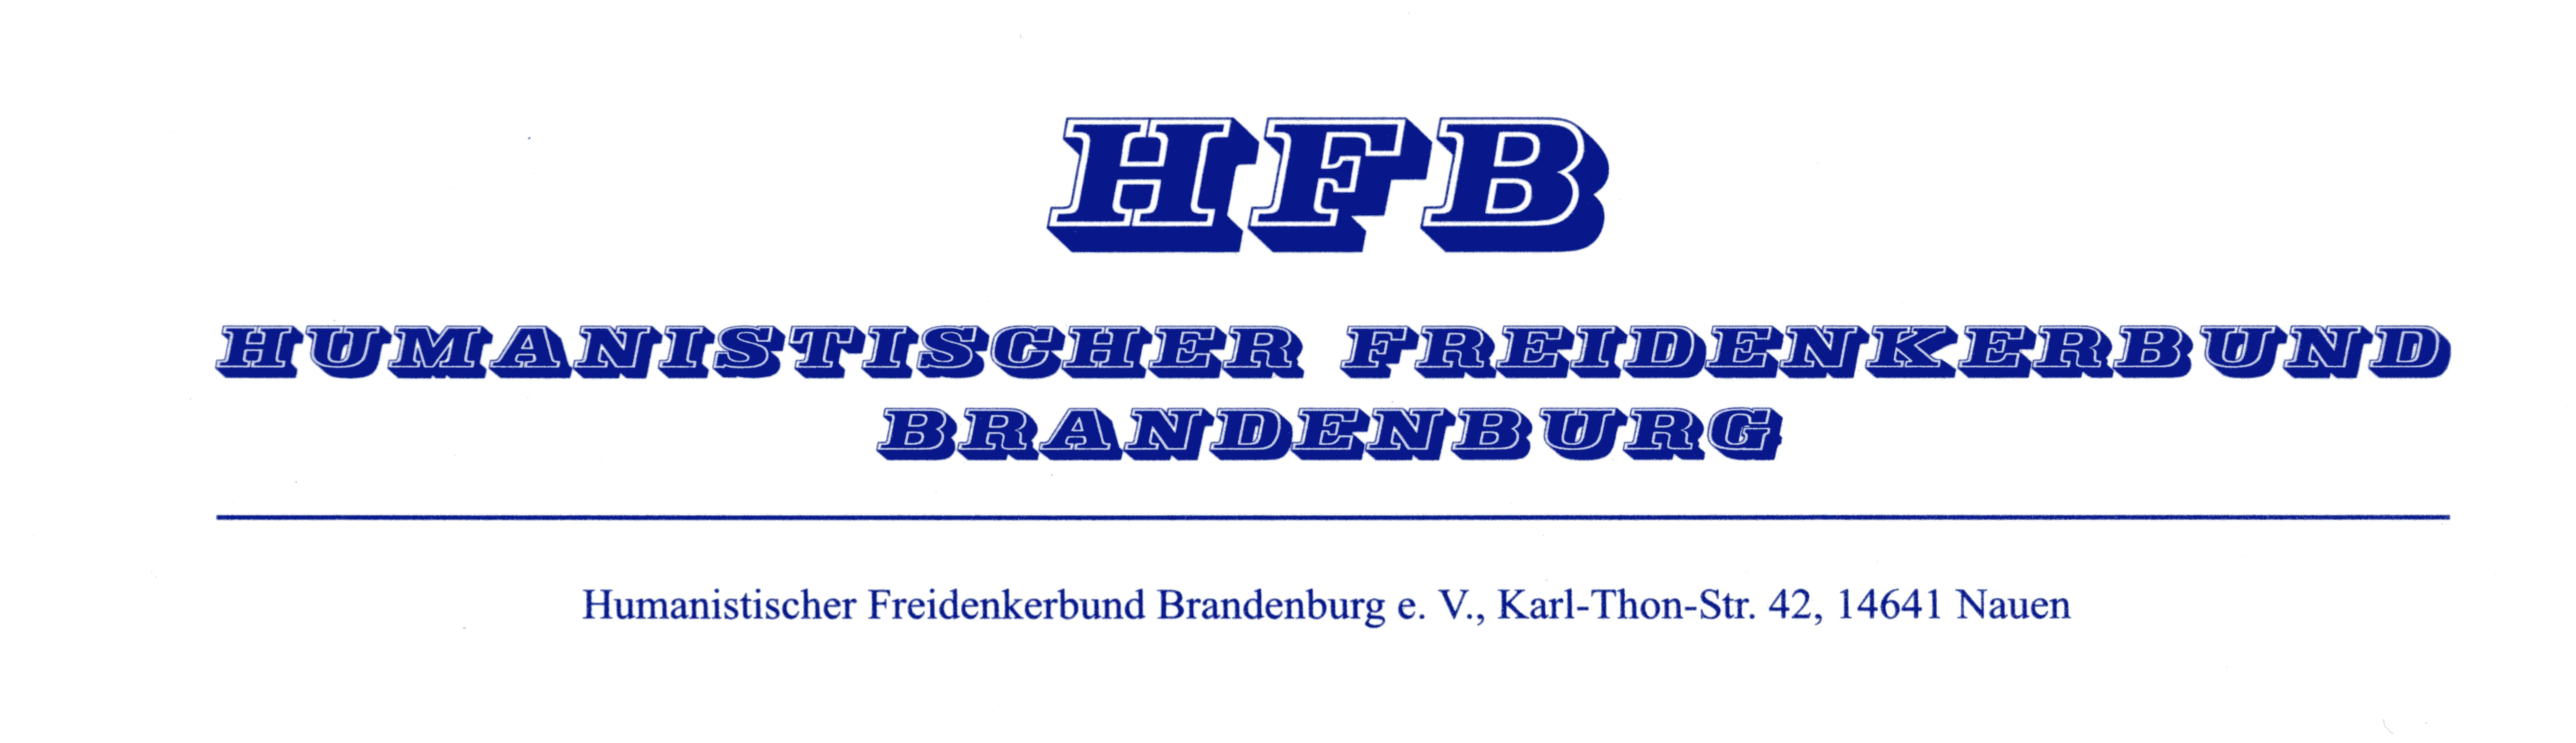 Humanistischer Freidenkerbund Brandenburg e.V.